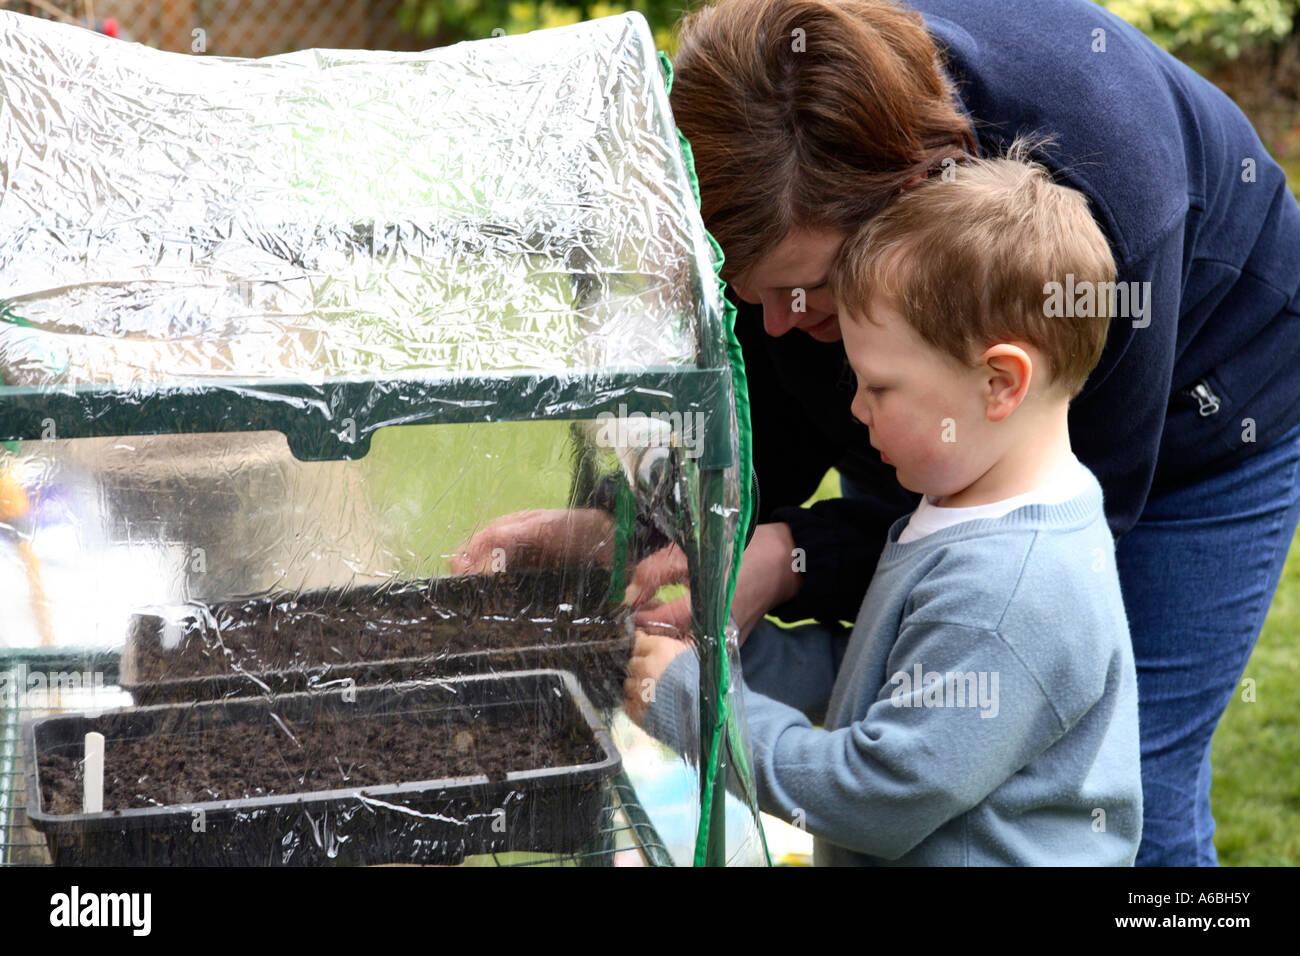 Madre ayudando a su joven hijo Coloque bandejas de semillas plantadas en un pequeño invernadero de plástico para la germinación en primavera Foto de stock